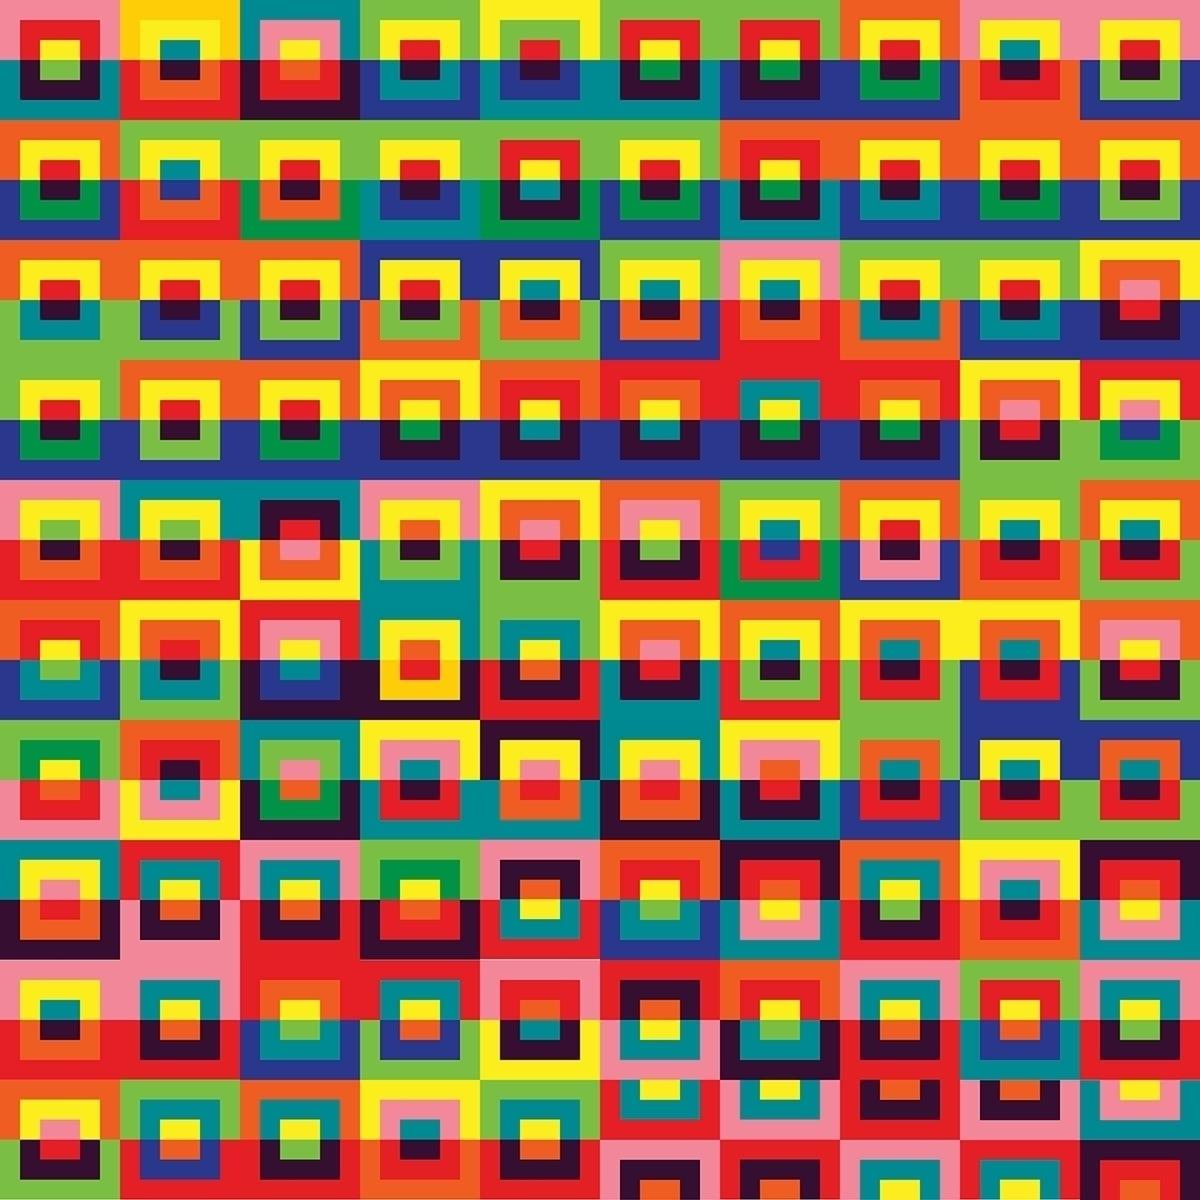 100 studies  - PixelPainting, HardEdge - andrew_faris | ello